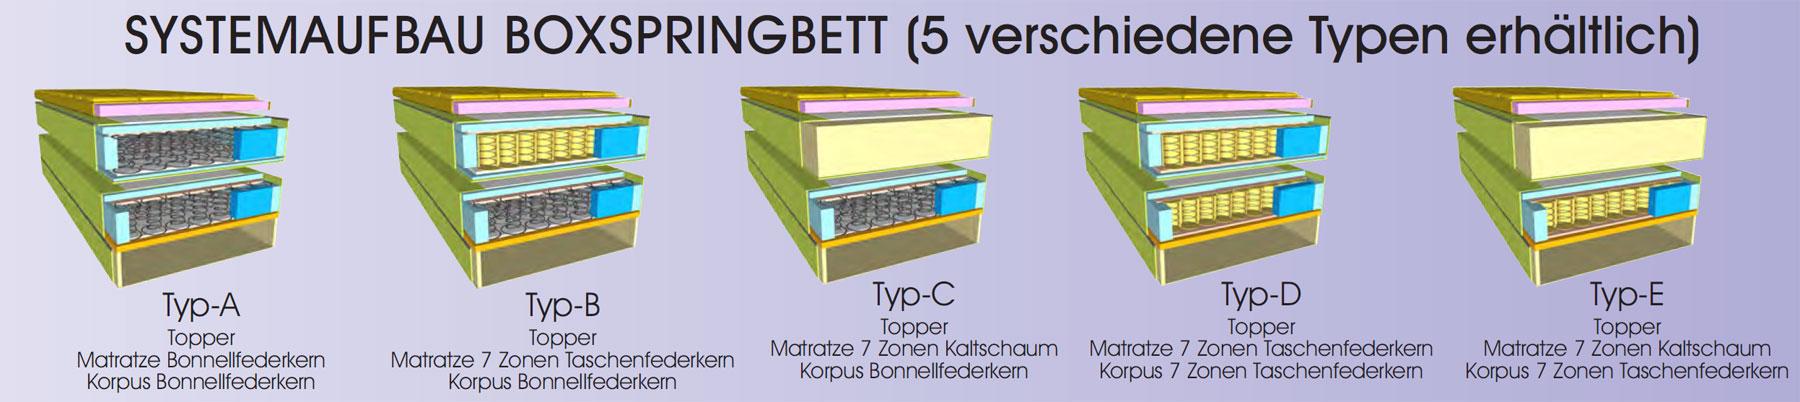 Kretschmar Linz Boxspringvarianten